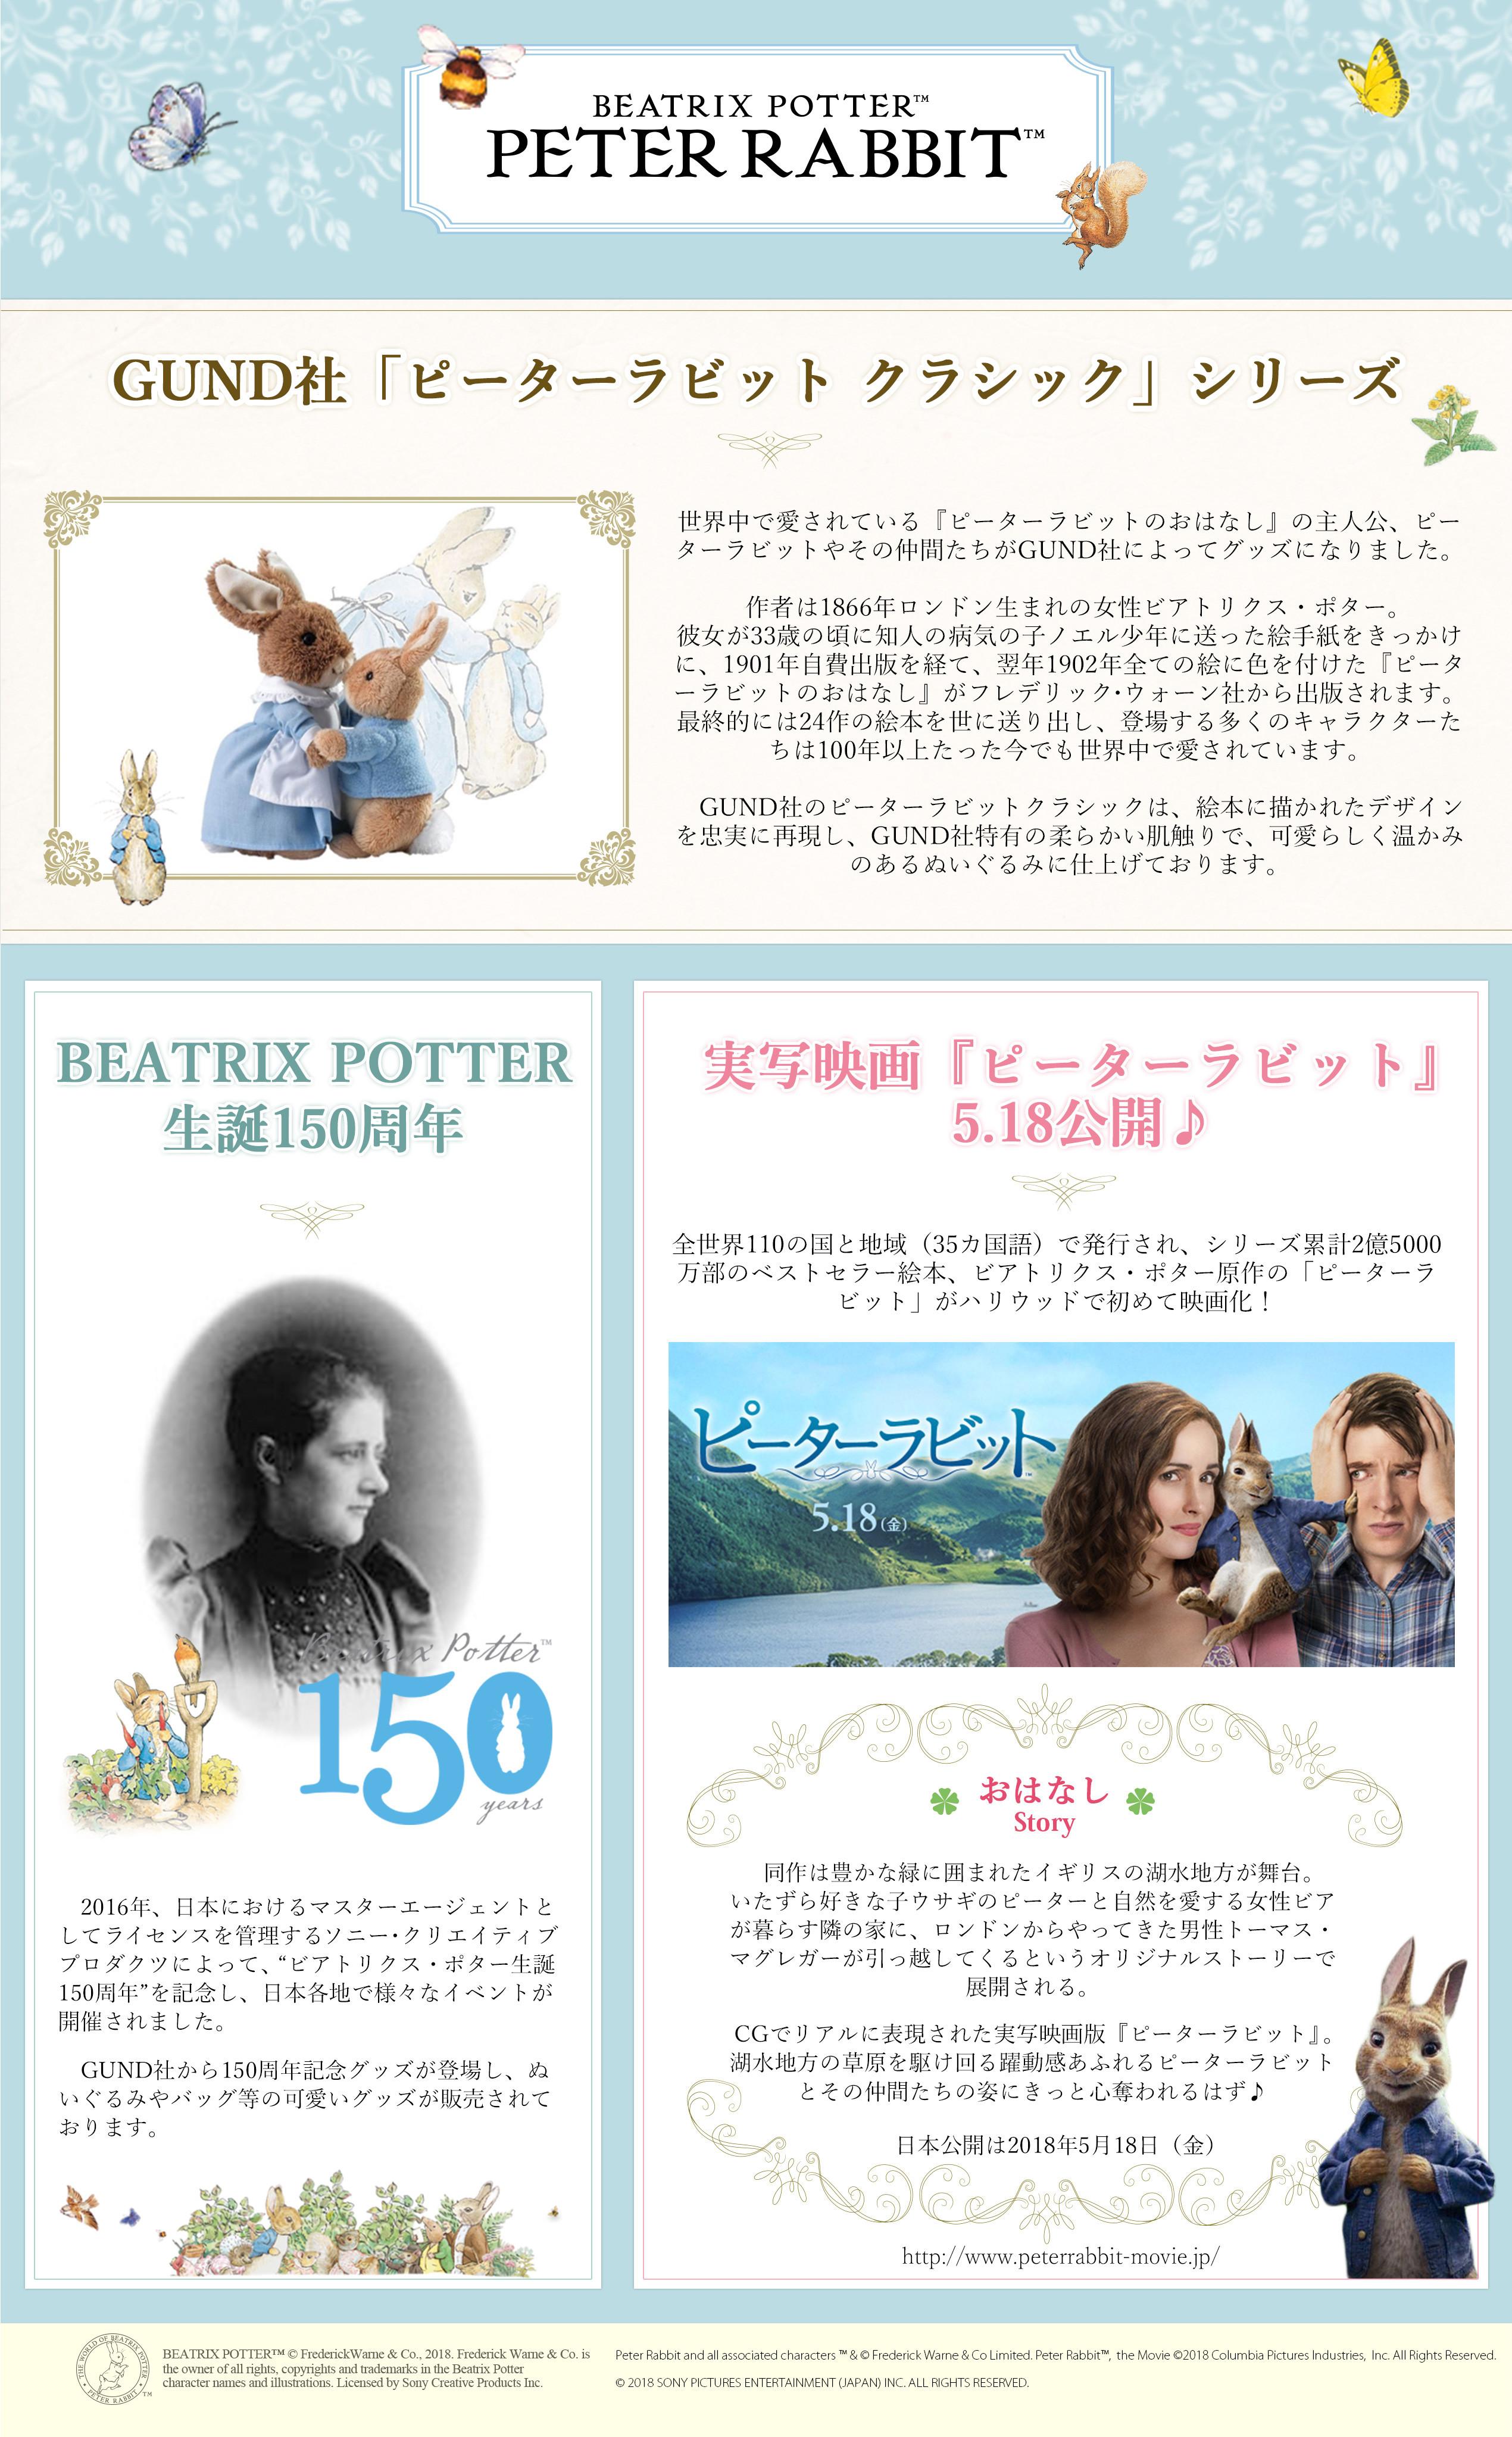 PeterRabbitClassic/ピーターラビットクラシックシリーズ/ビアトリクス・ポター生誕150周年/実写映画5月18日公開